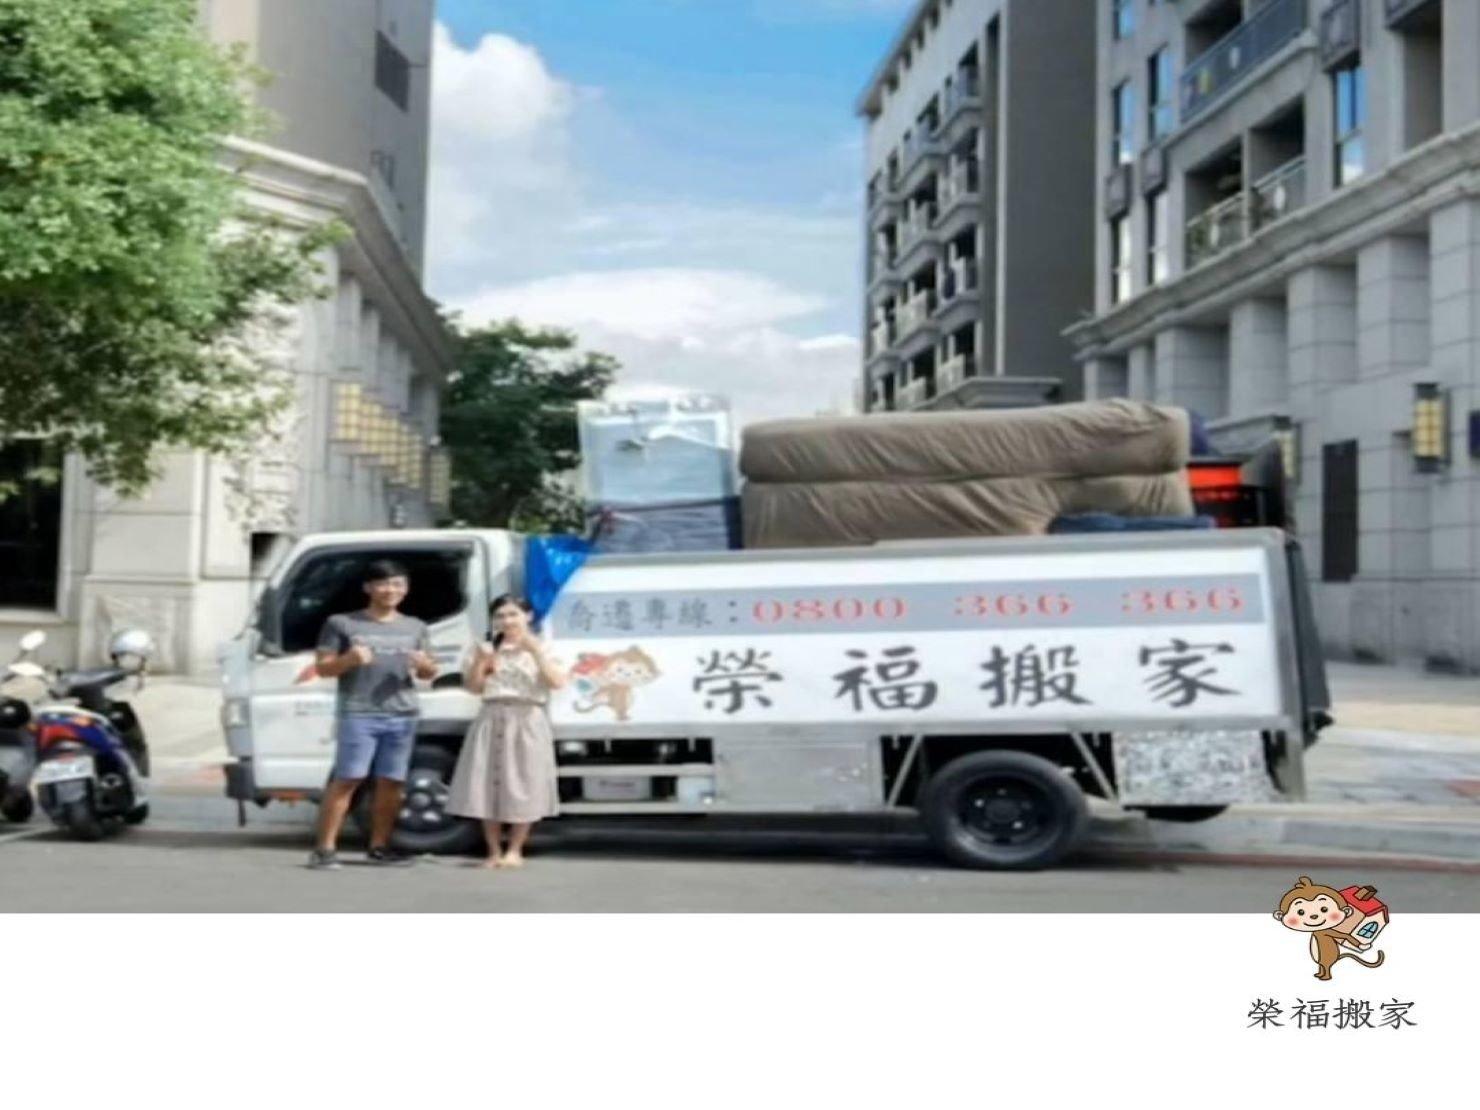 【桃園搬家實錄】桃園搬家實例家庭搬家過程推薦榮福搬家!